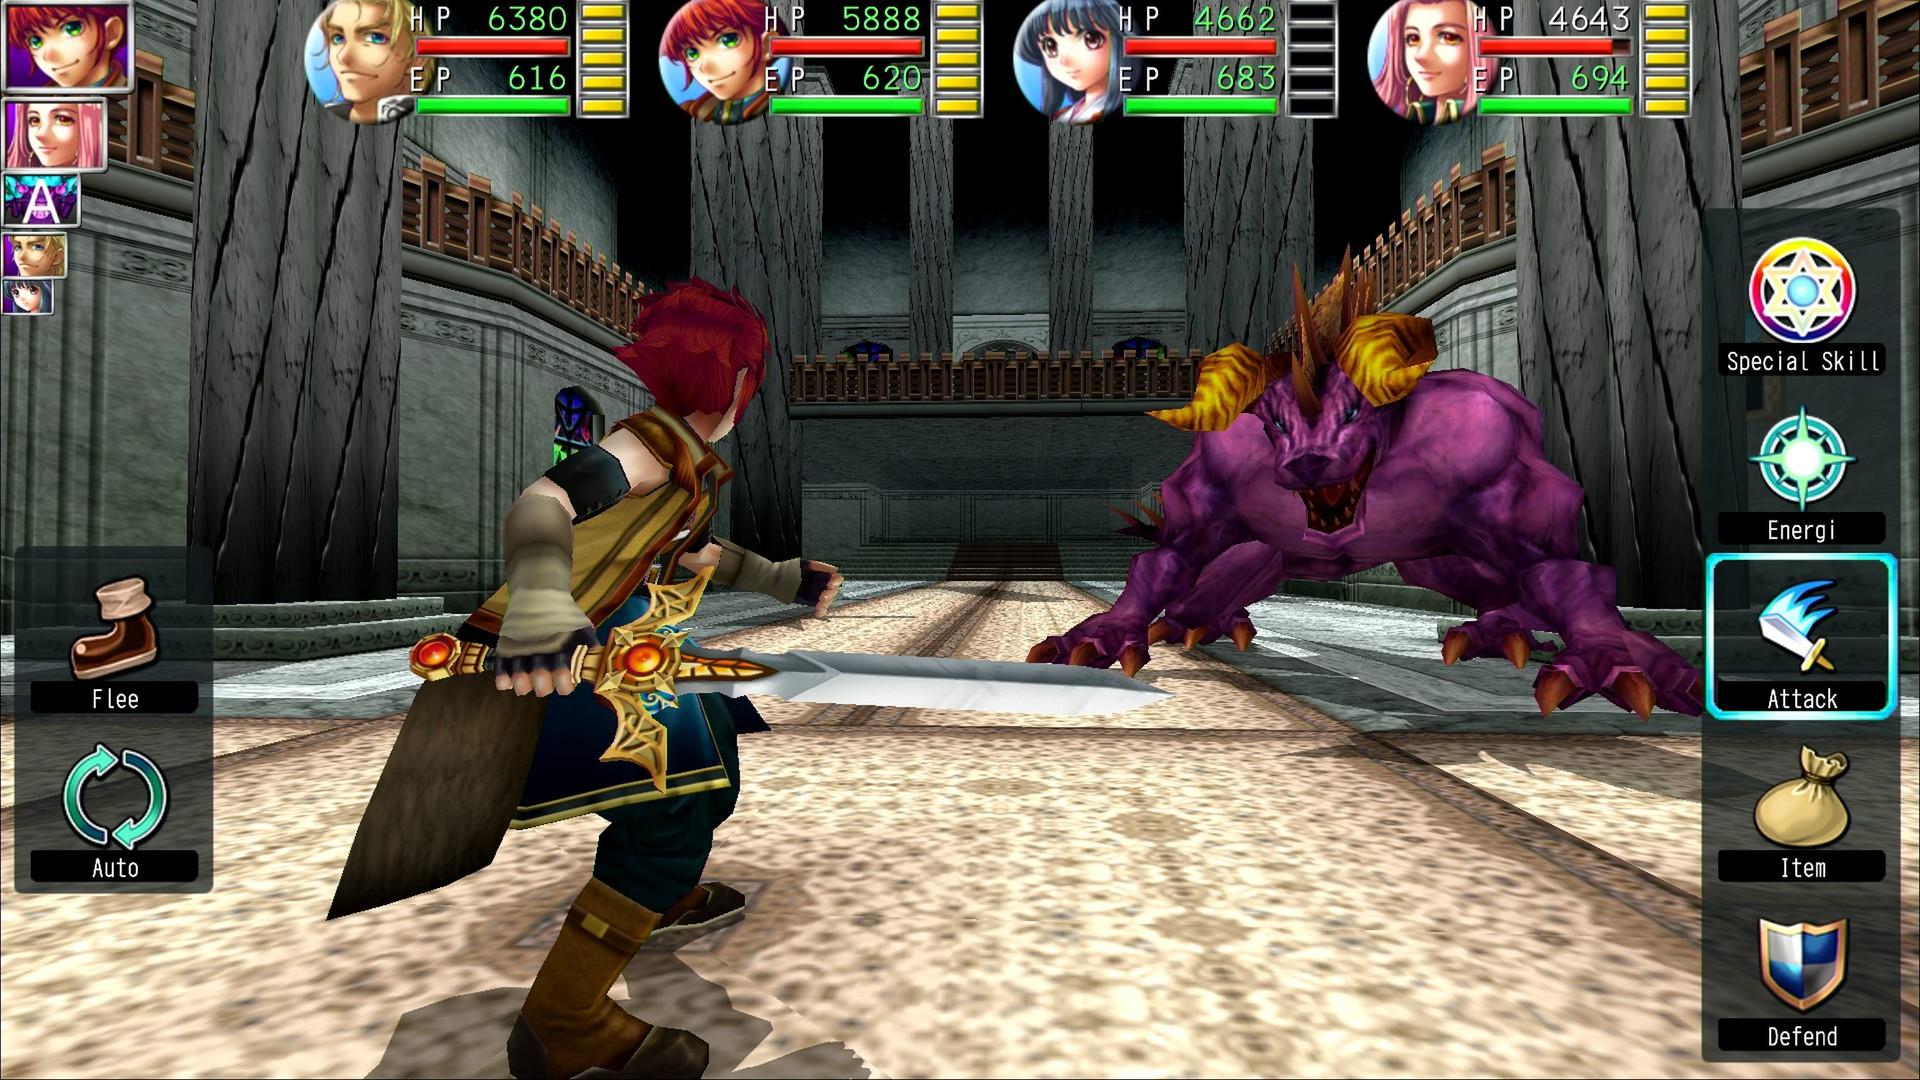 Alphadia Genesis 2 for Xbox One